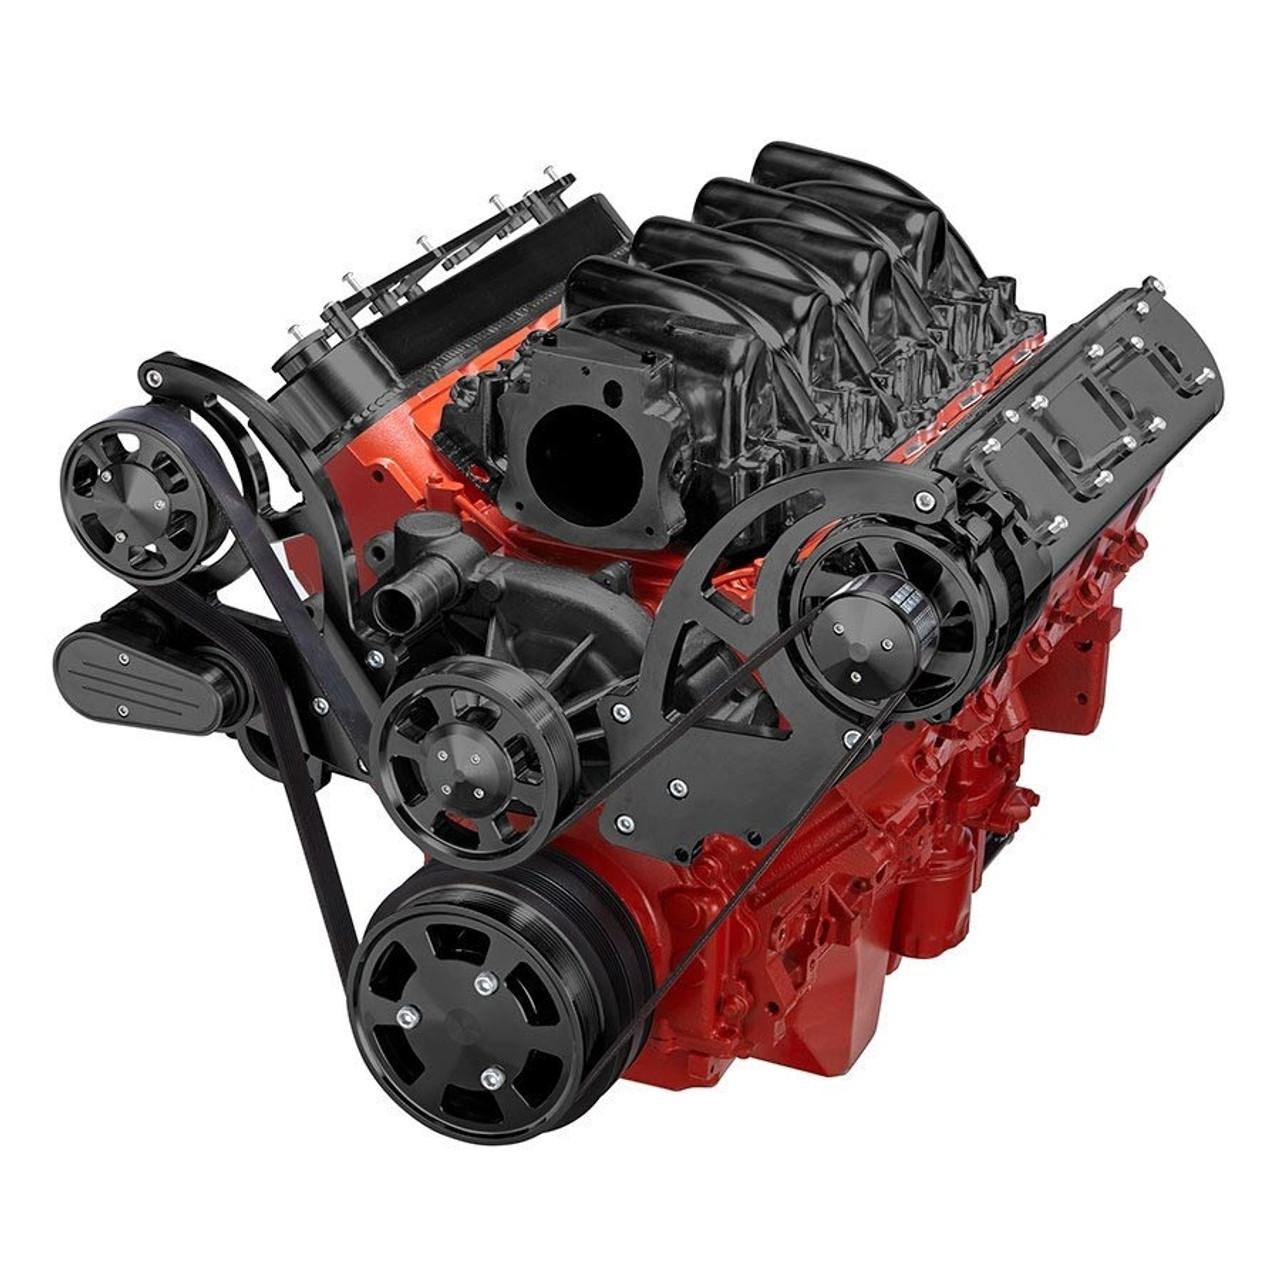 medium resolution of black chevy ls engine serpentine conversion kit alternator only 3 wire alternator wiring ls7 alternator wiring